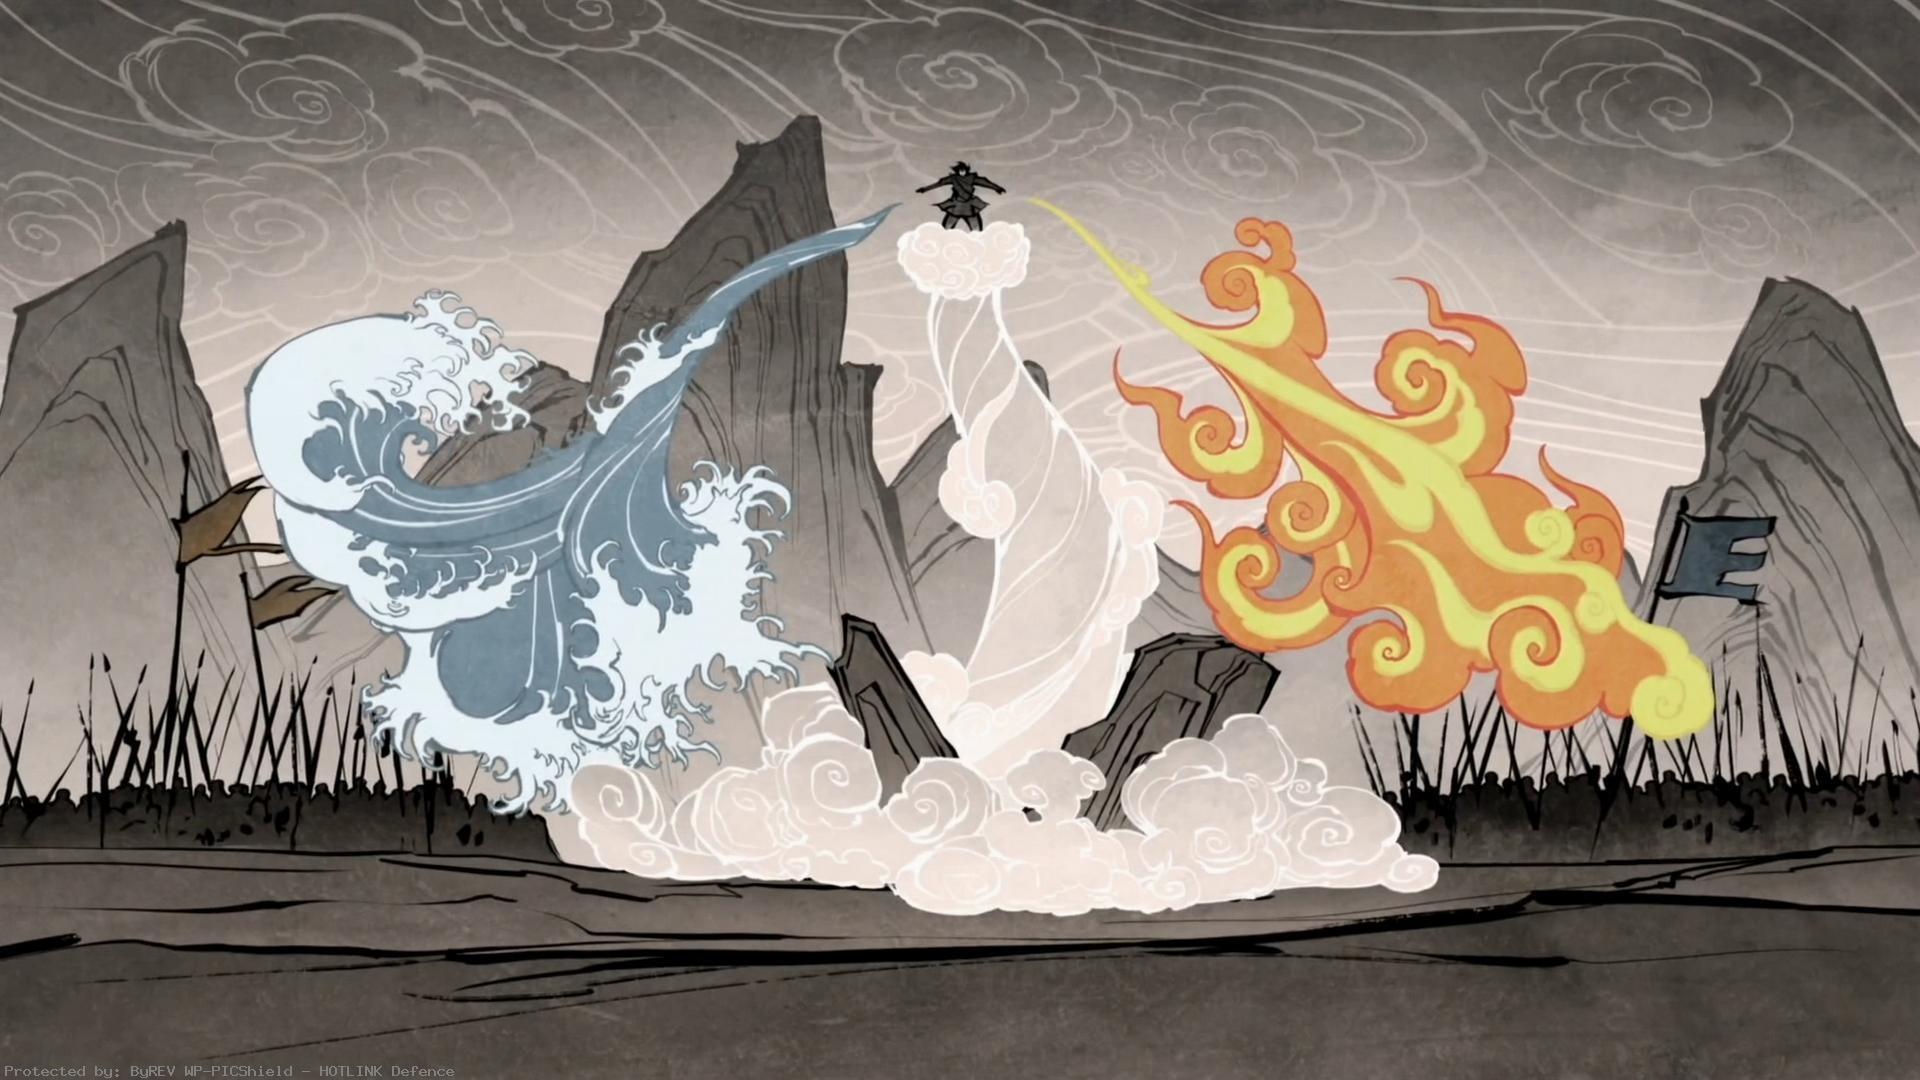 Wan-Legend-of-Korra-wallpaper-wp60013783